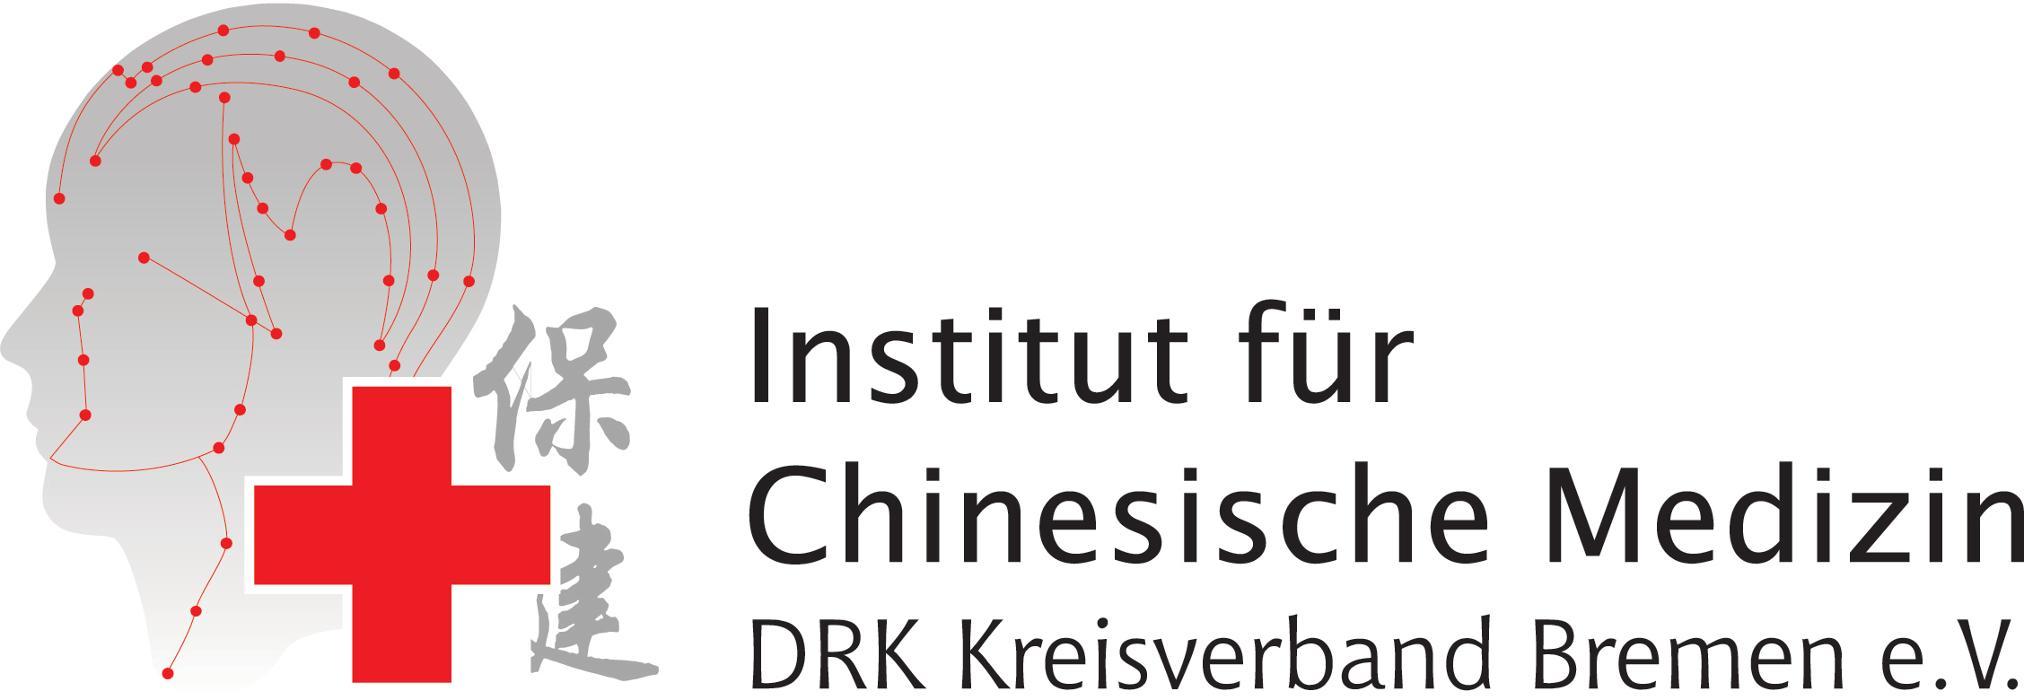 Bild zu Institut für Chinesische Medizin in Bremen